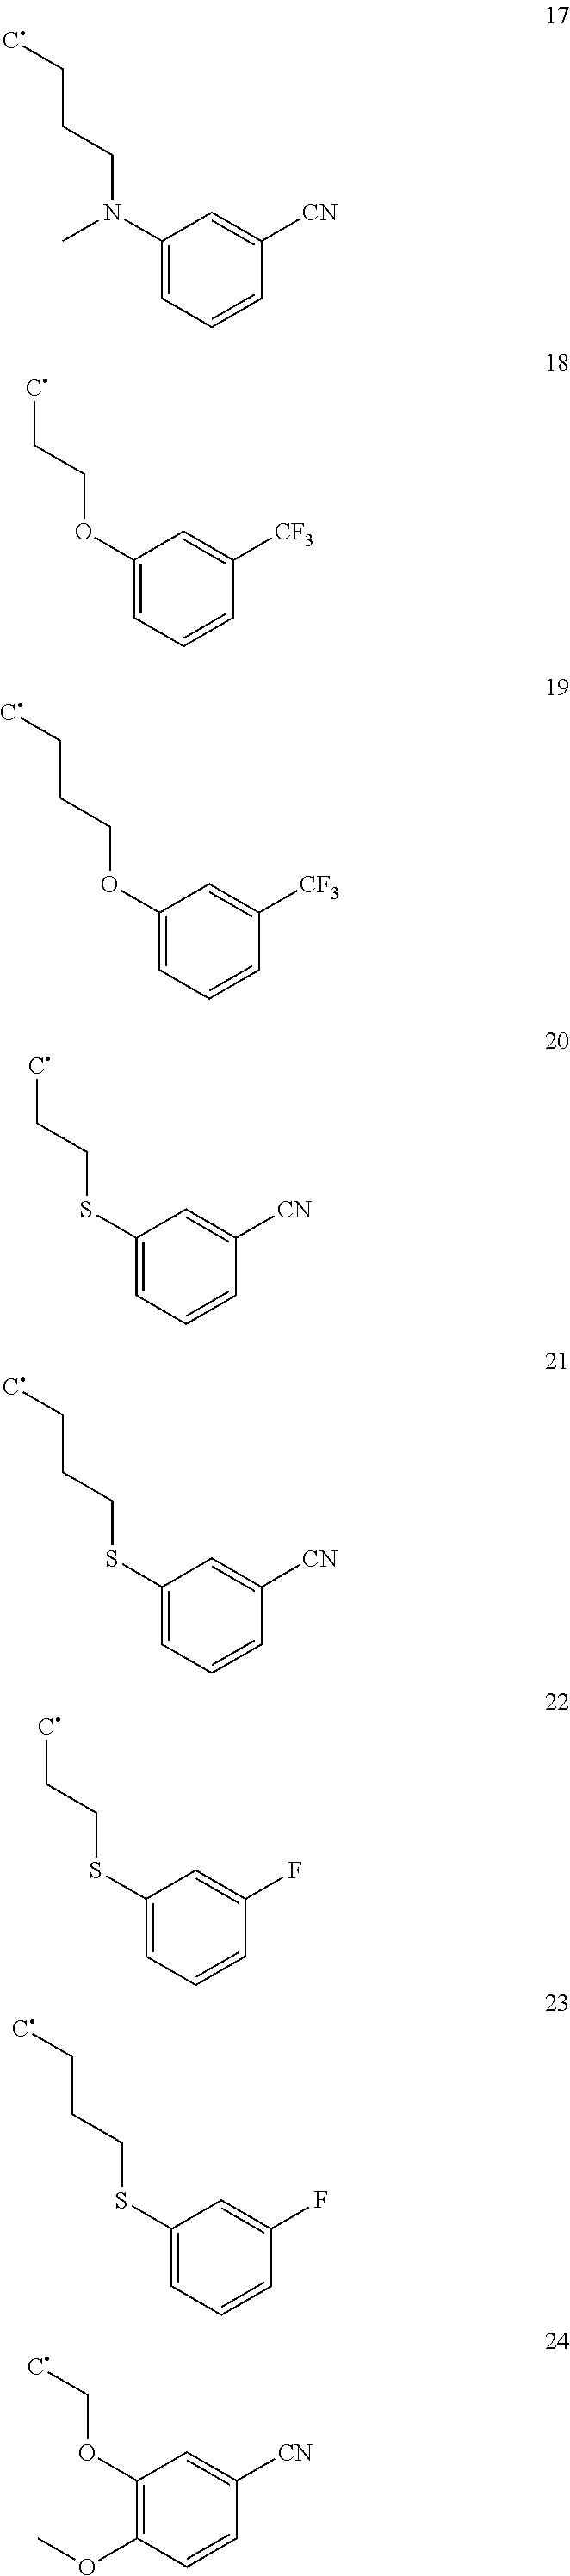 Figure US08101619-20120124-C00028